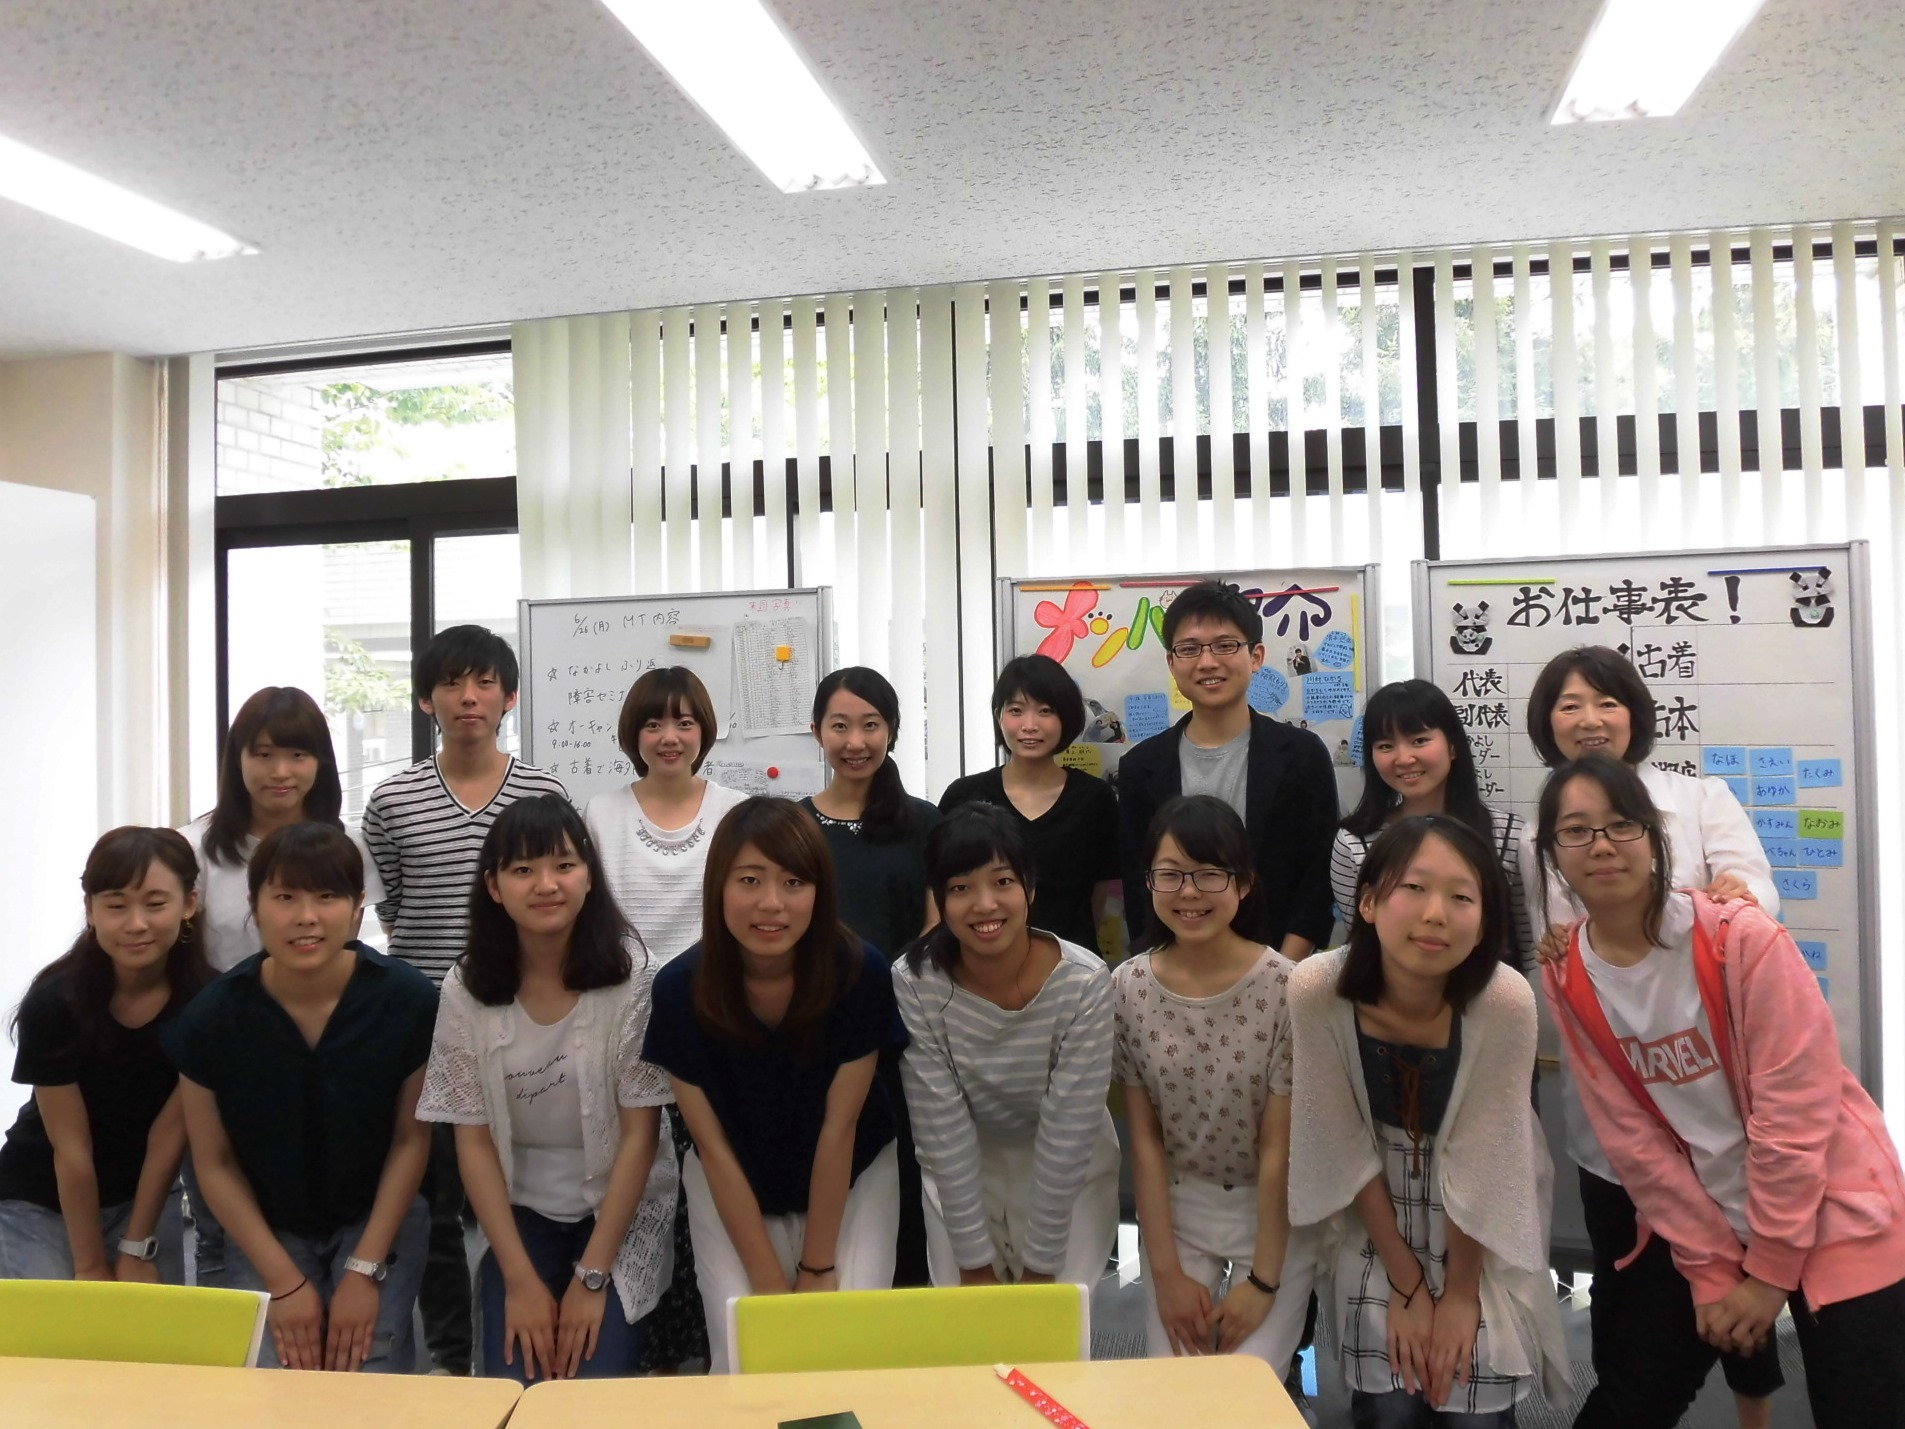 学校 法人 神戸 学園